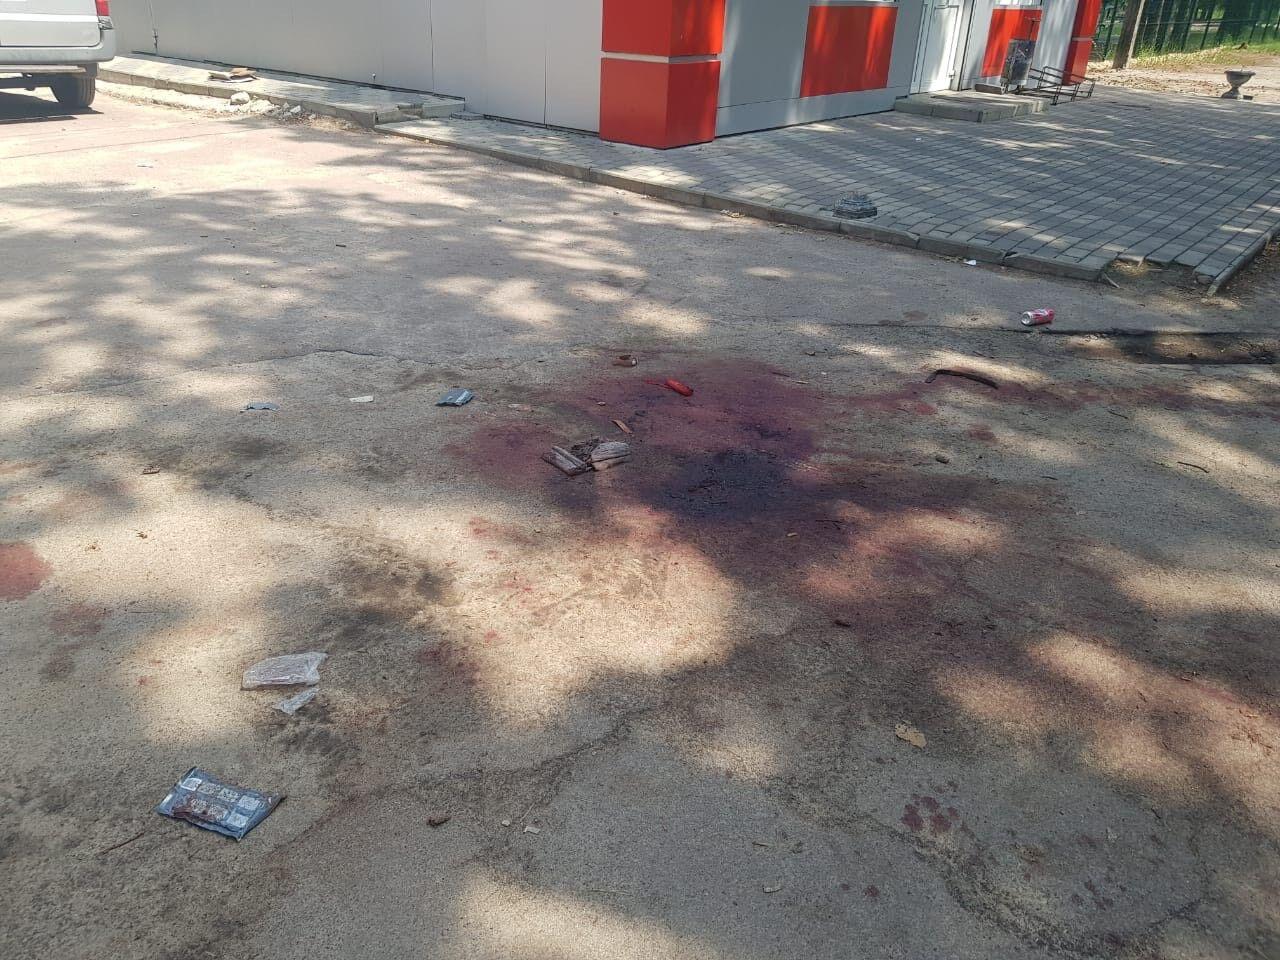 На Житомирщине мужчина устроил резню: один человек погиб, еще 8 – ранены